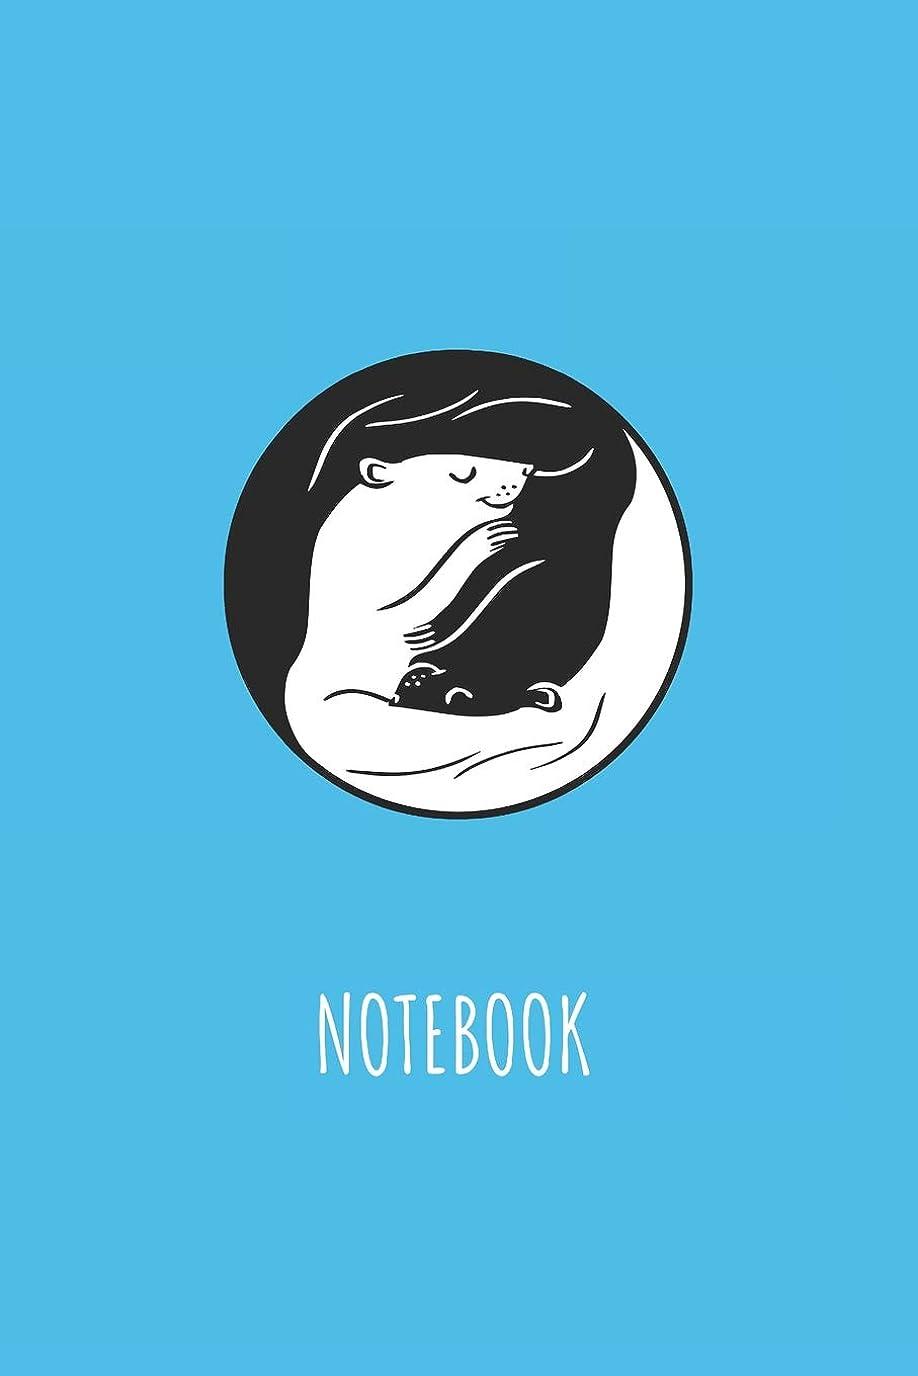 休みソーシャル伝記Notebook: Blank Lined Journal 6x9 - Cute Ferret Ying And Yang Pet Lover Gift